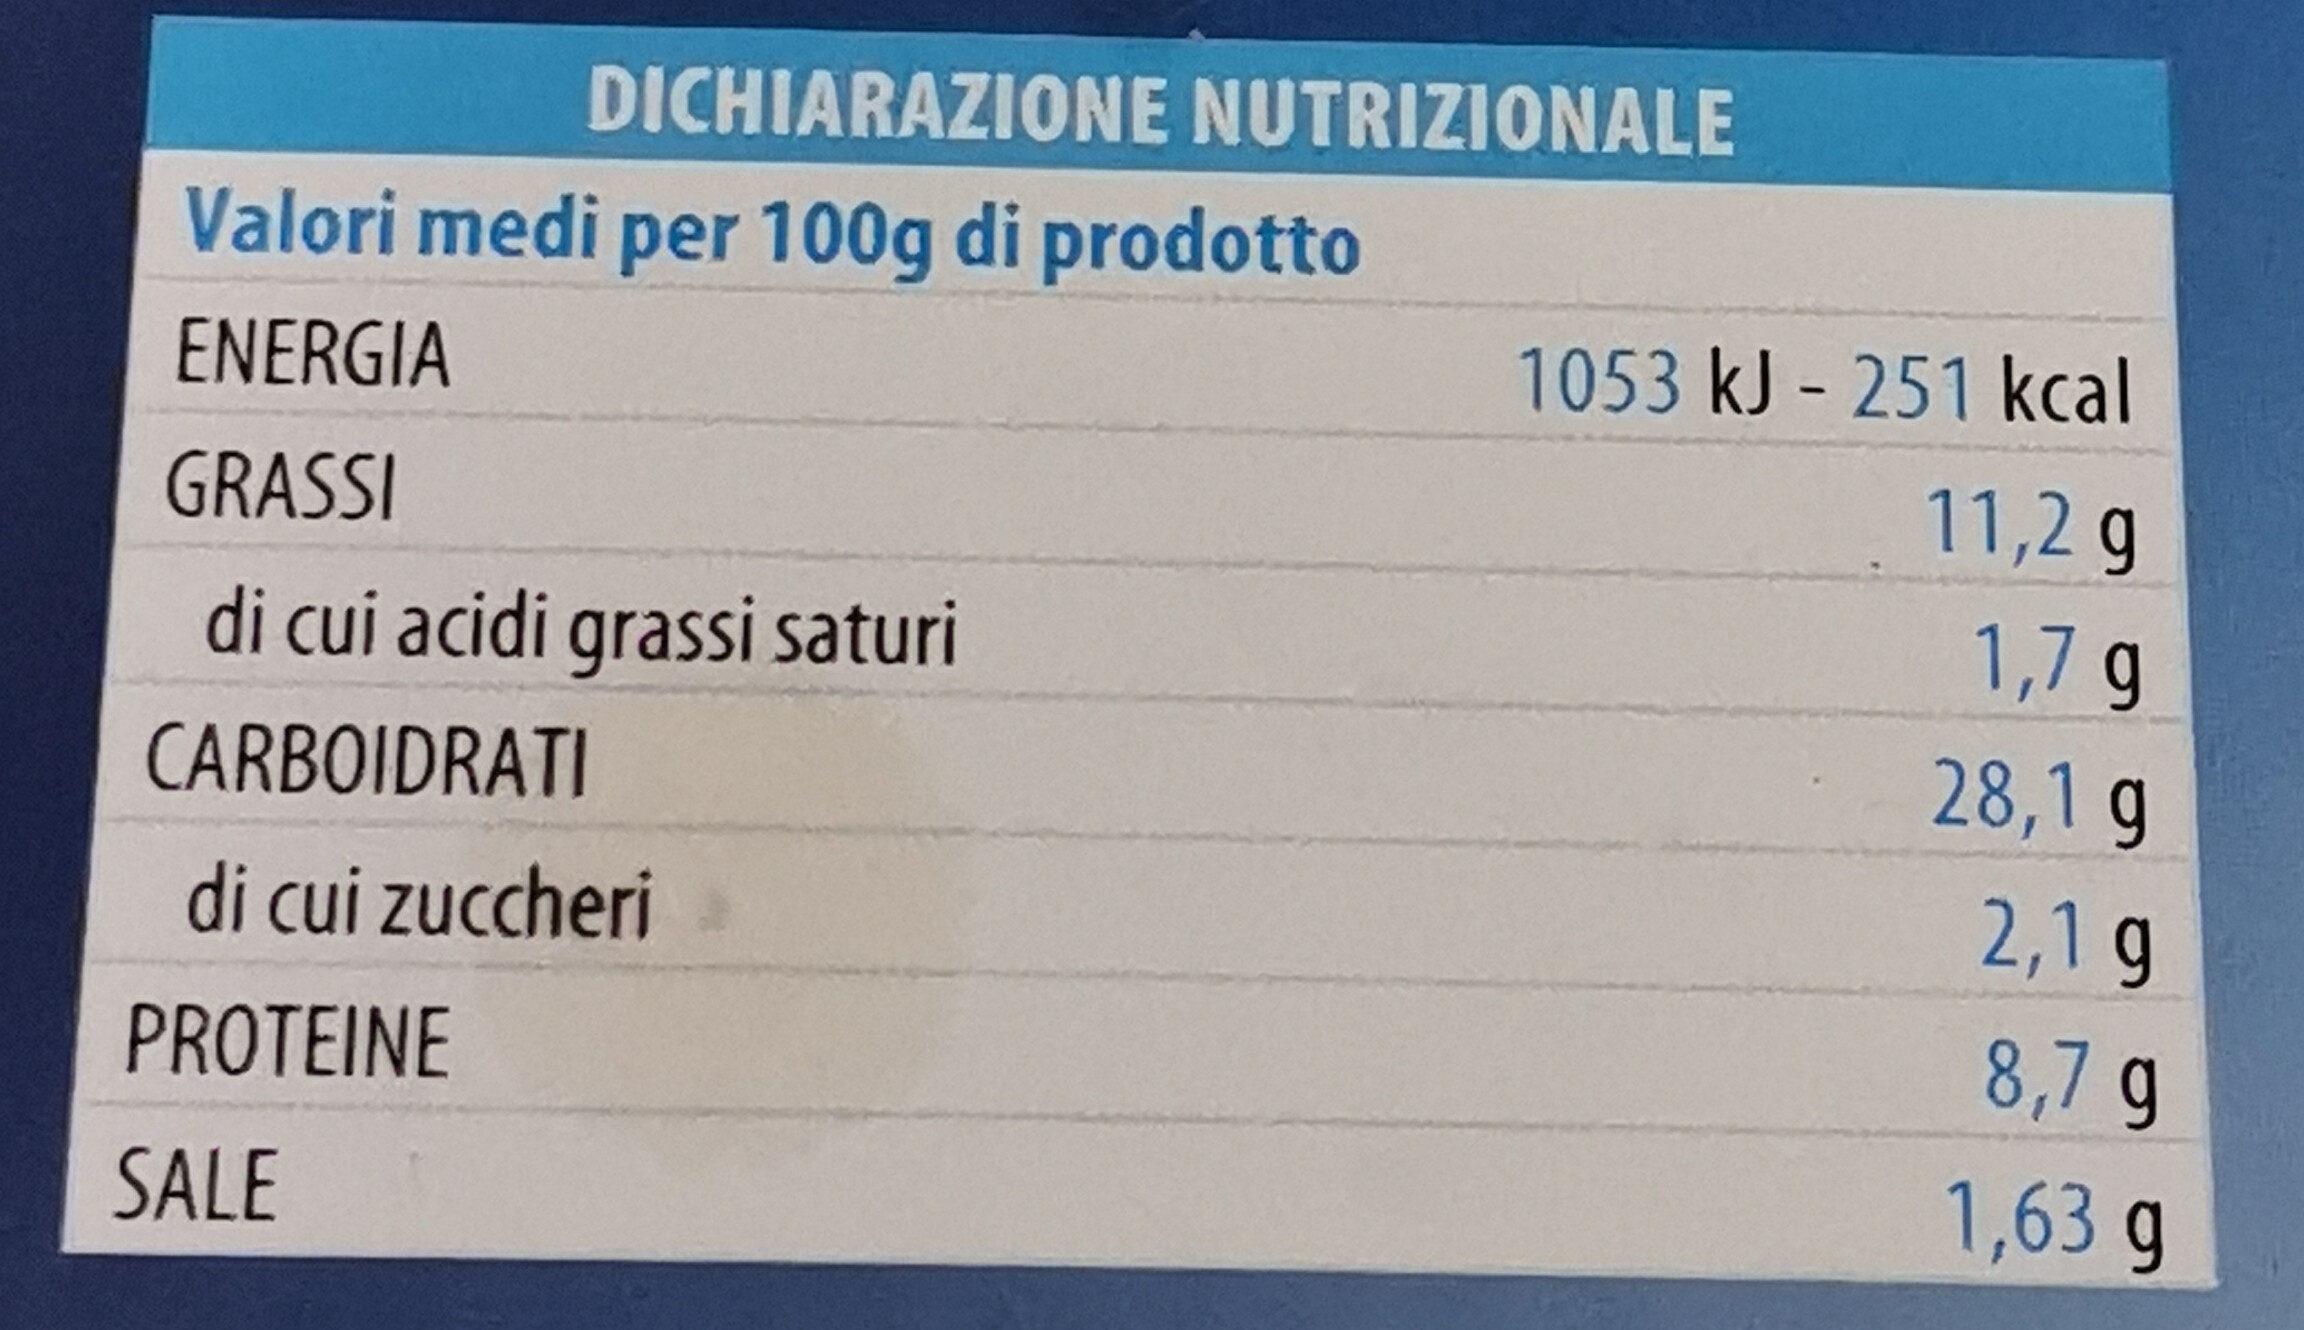 Cotolette di Merluzzo e Spinaci - Informations nutritionnelles - it